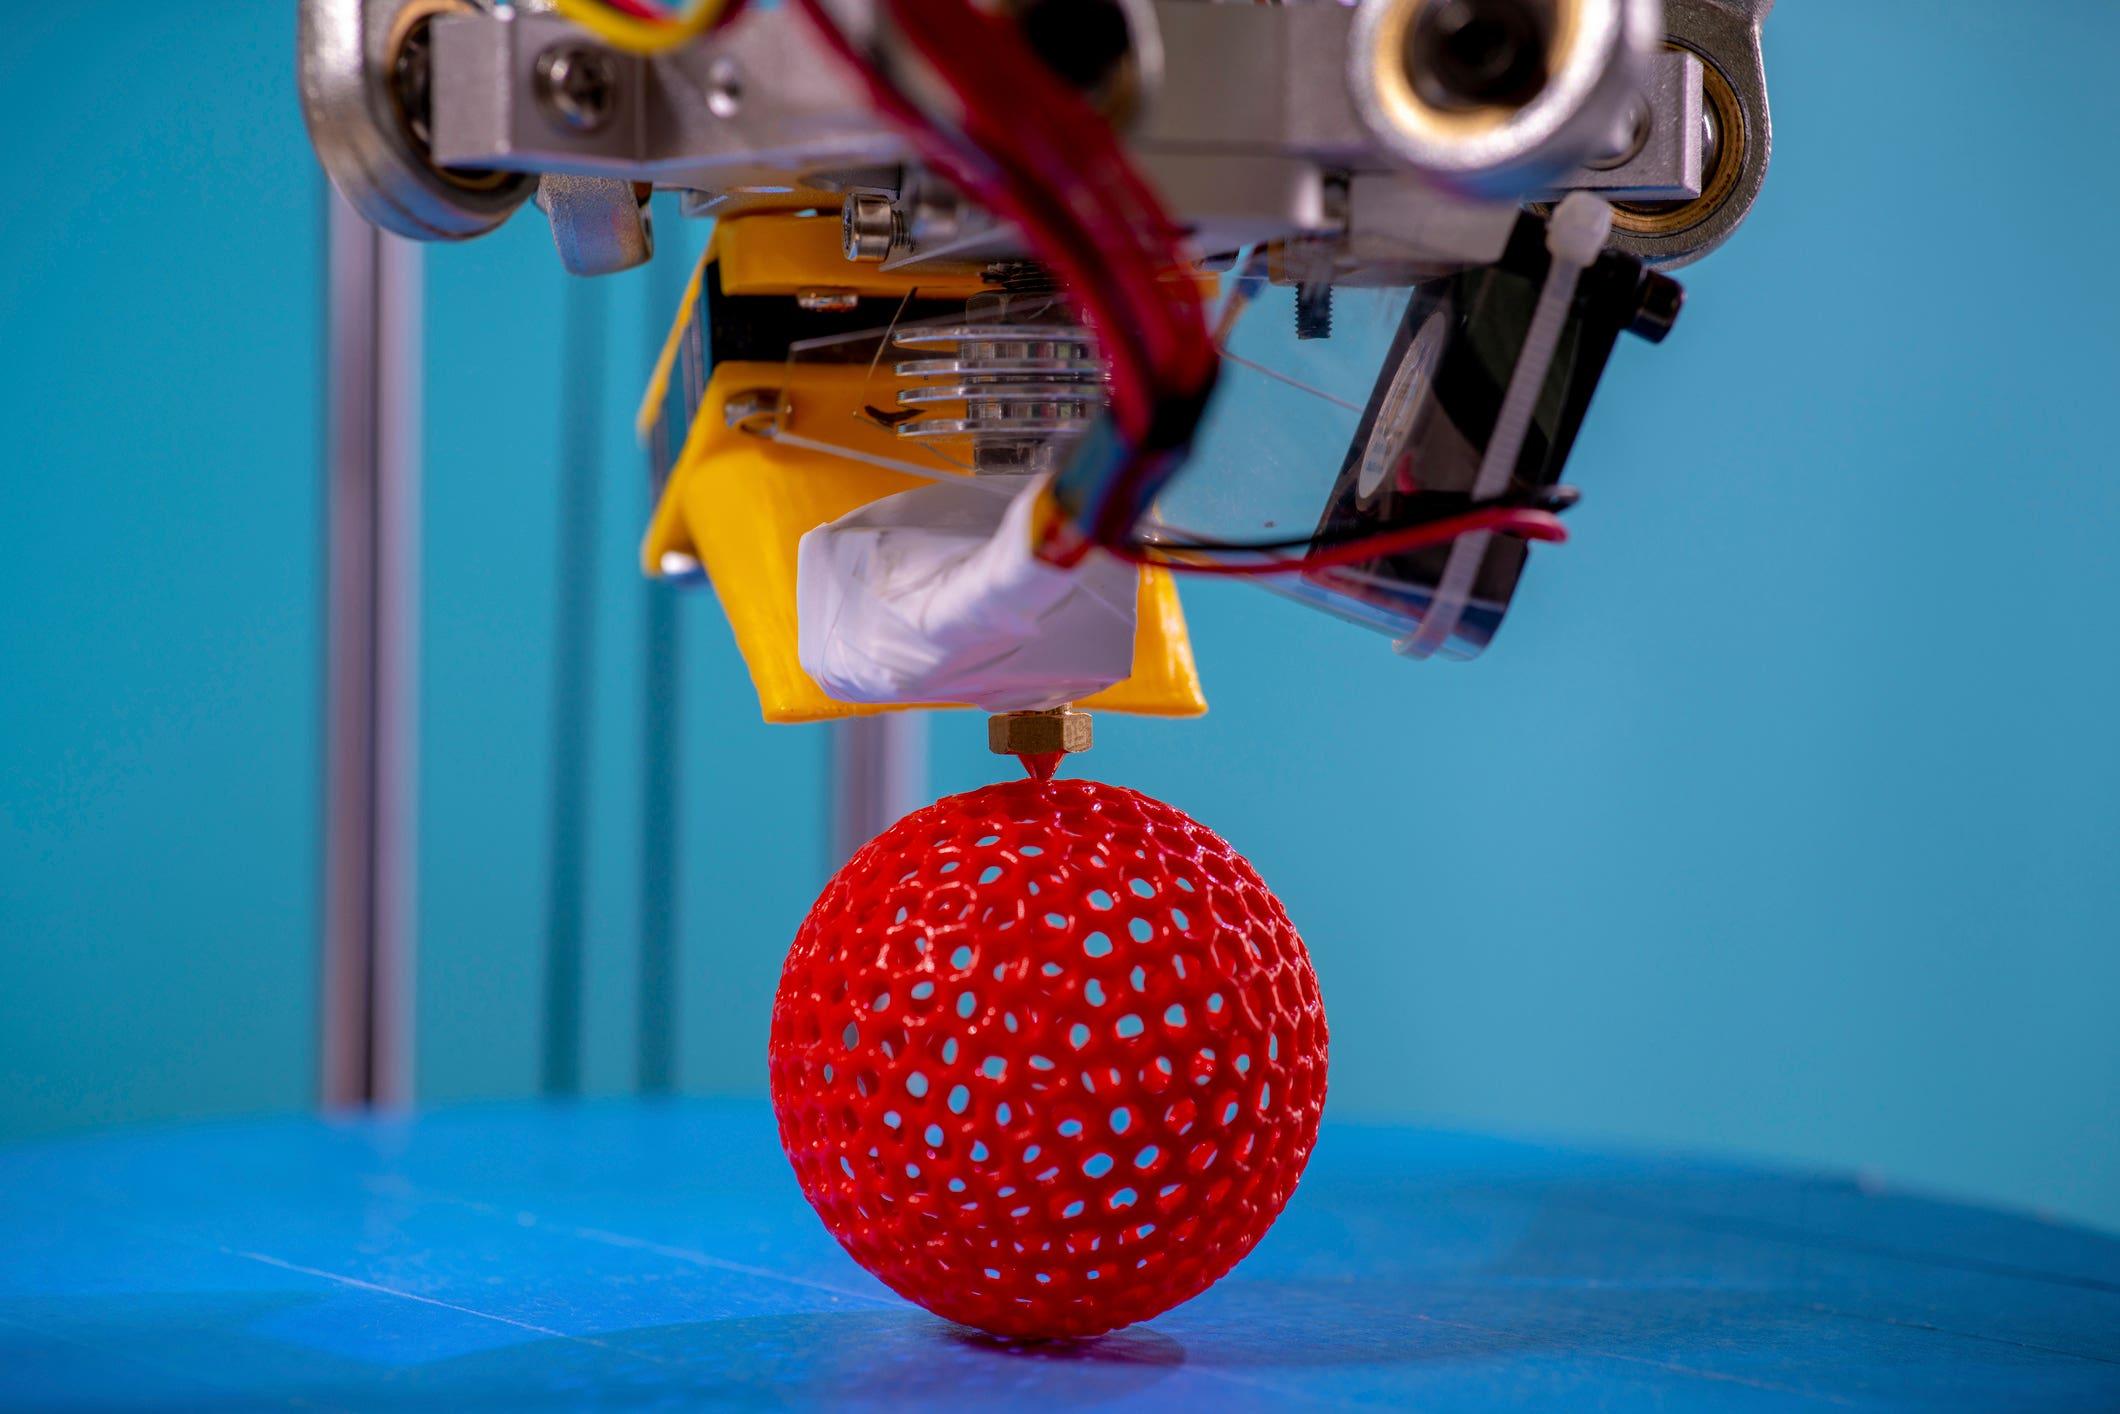 Polylactic acid 3D printer filament